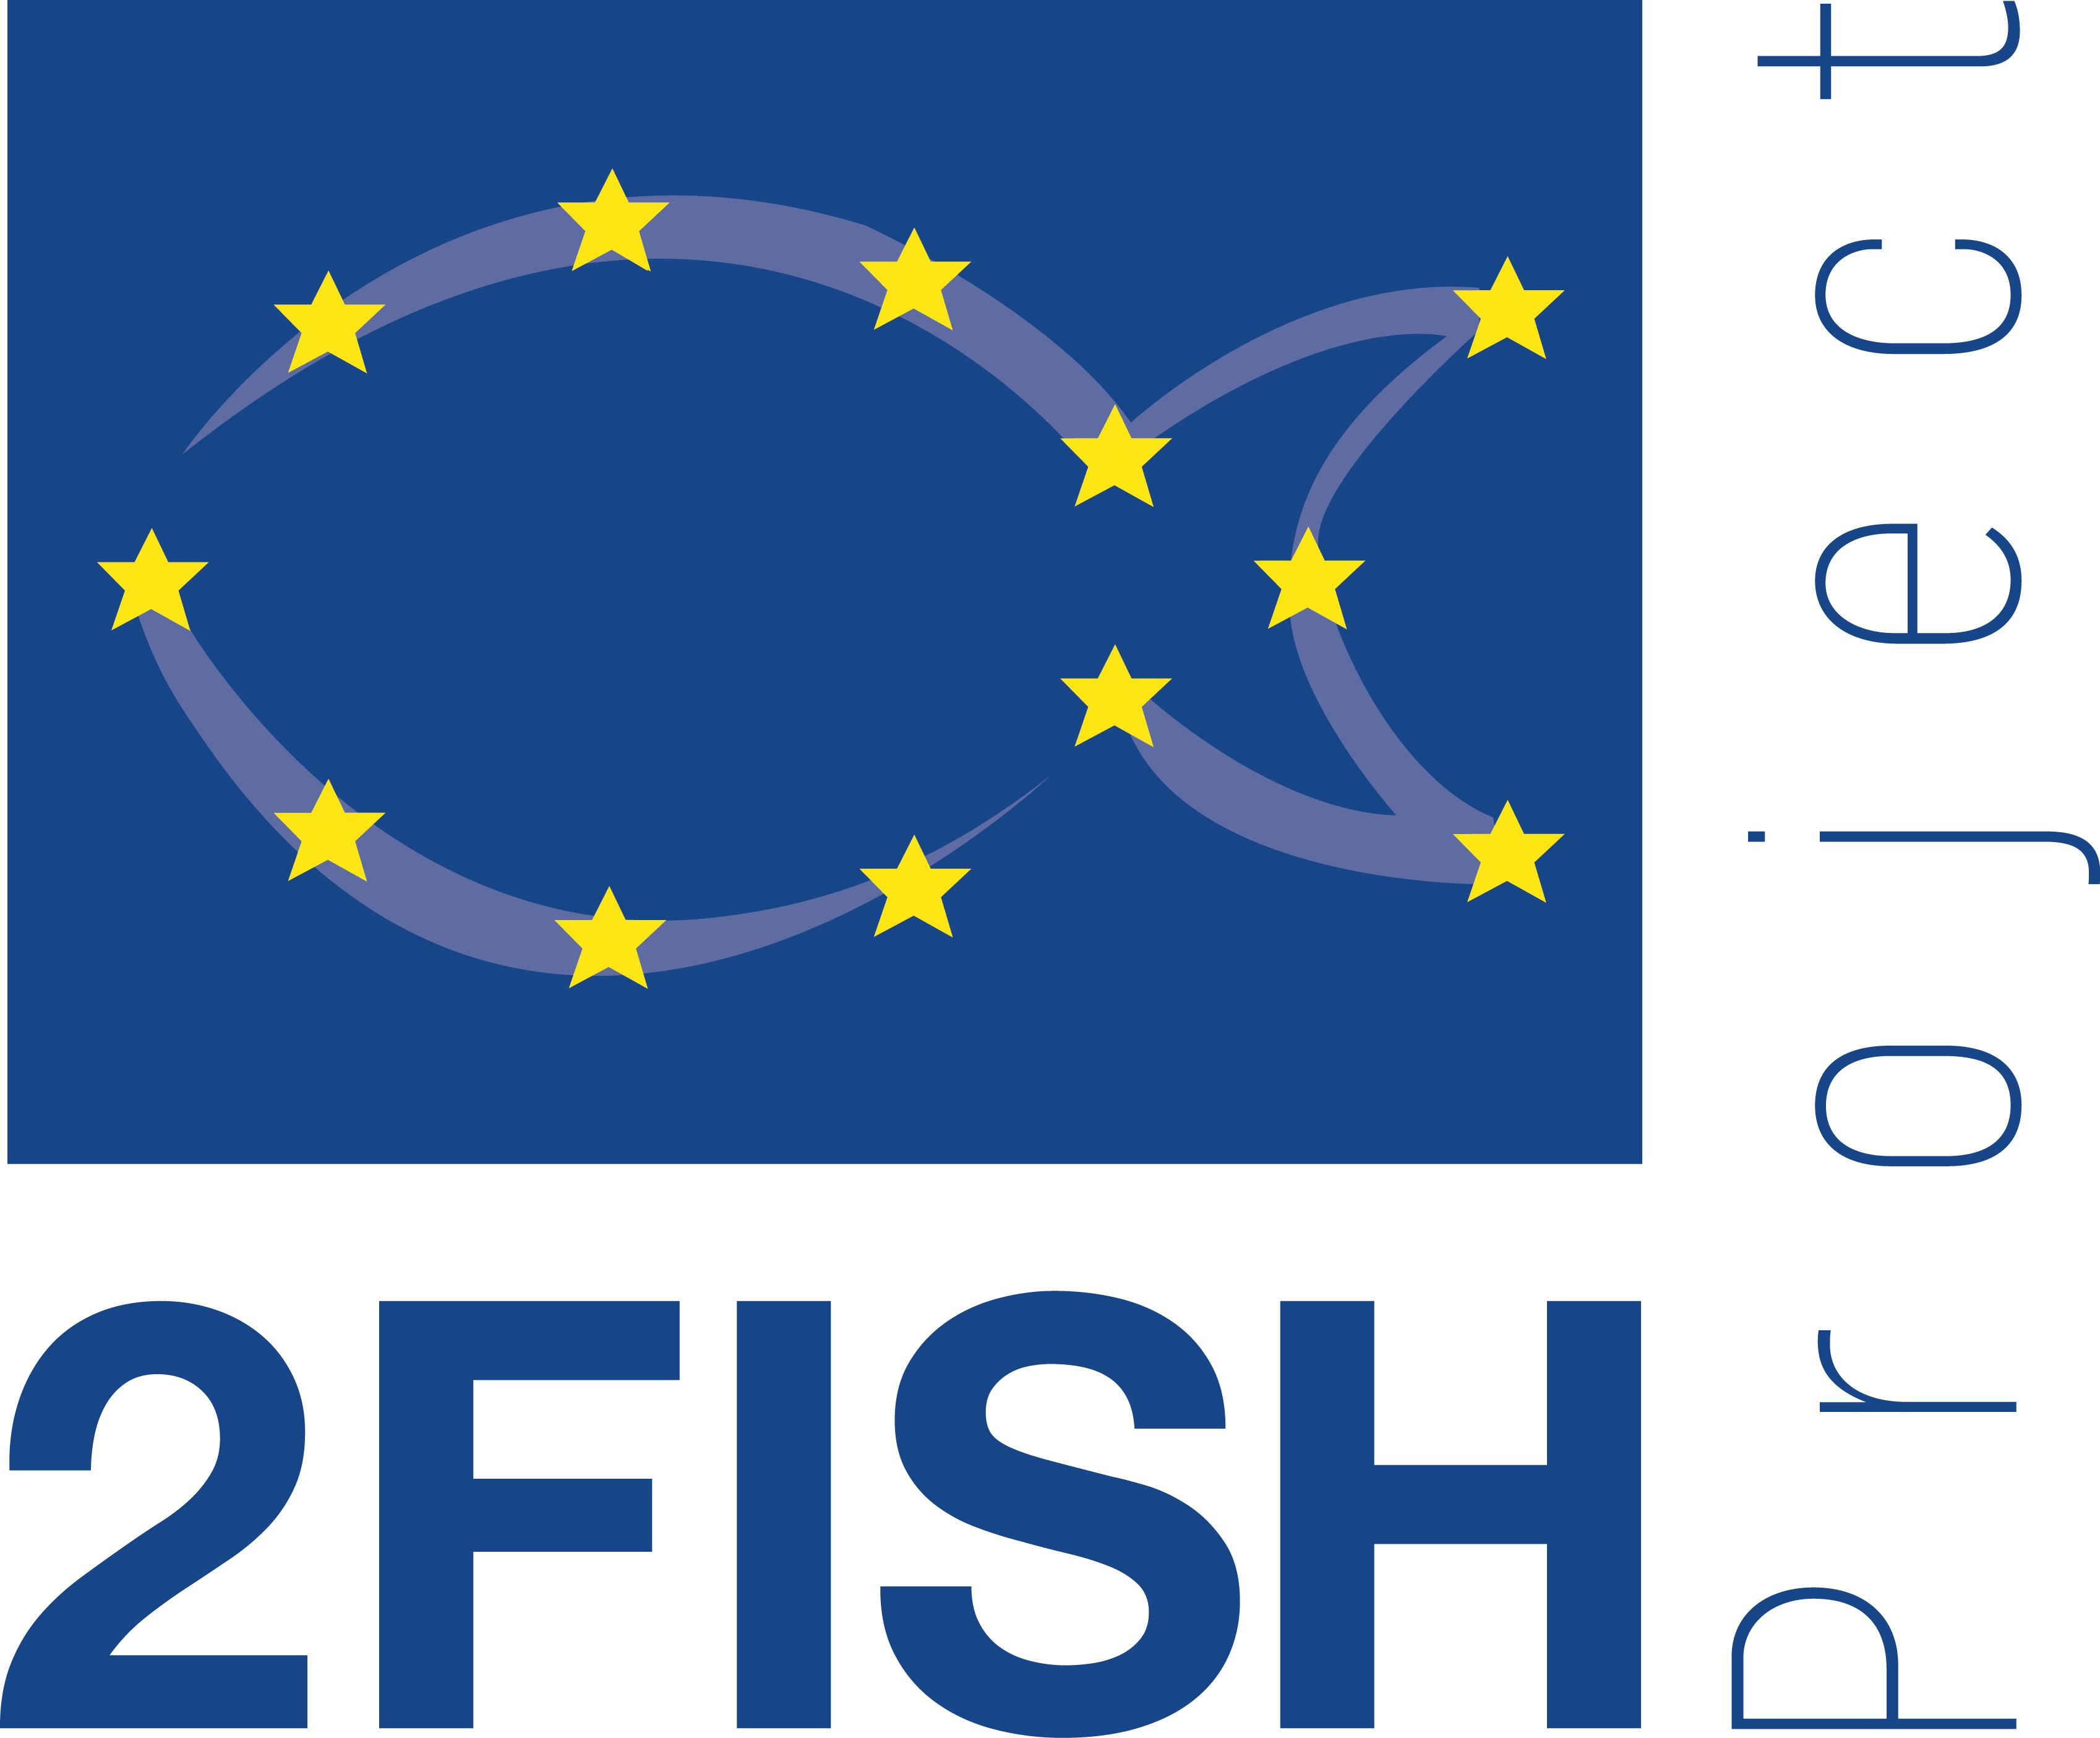 2fish logo